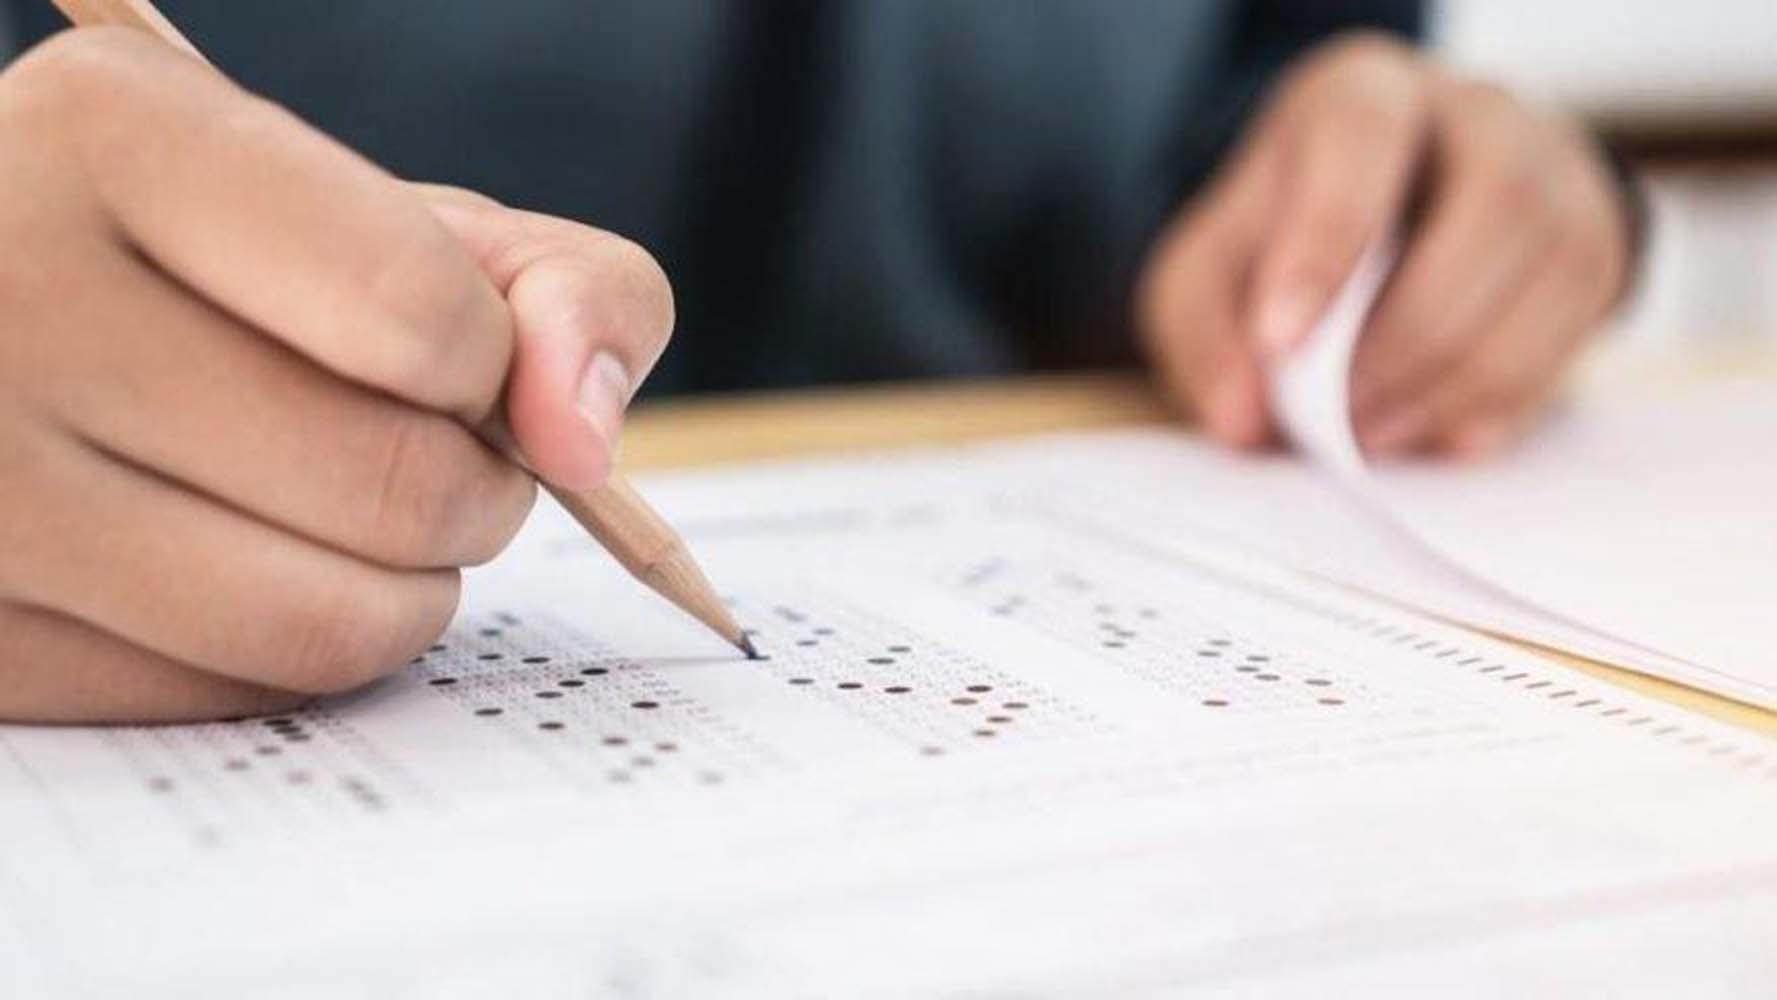 AÖF yaz okulu sınav sonuçları açıklandı! AÖF yaz okulu sınav sonuçları açıklandı mı? Açıköğretim Fakültesi 2021 sonuç sorgulama ekranı